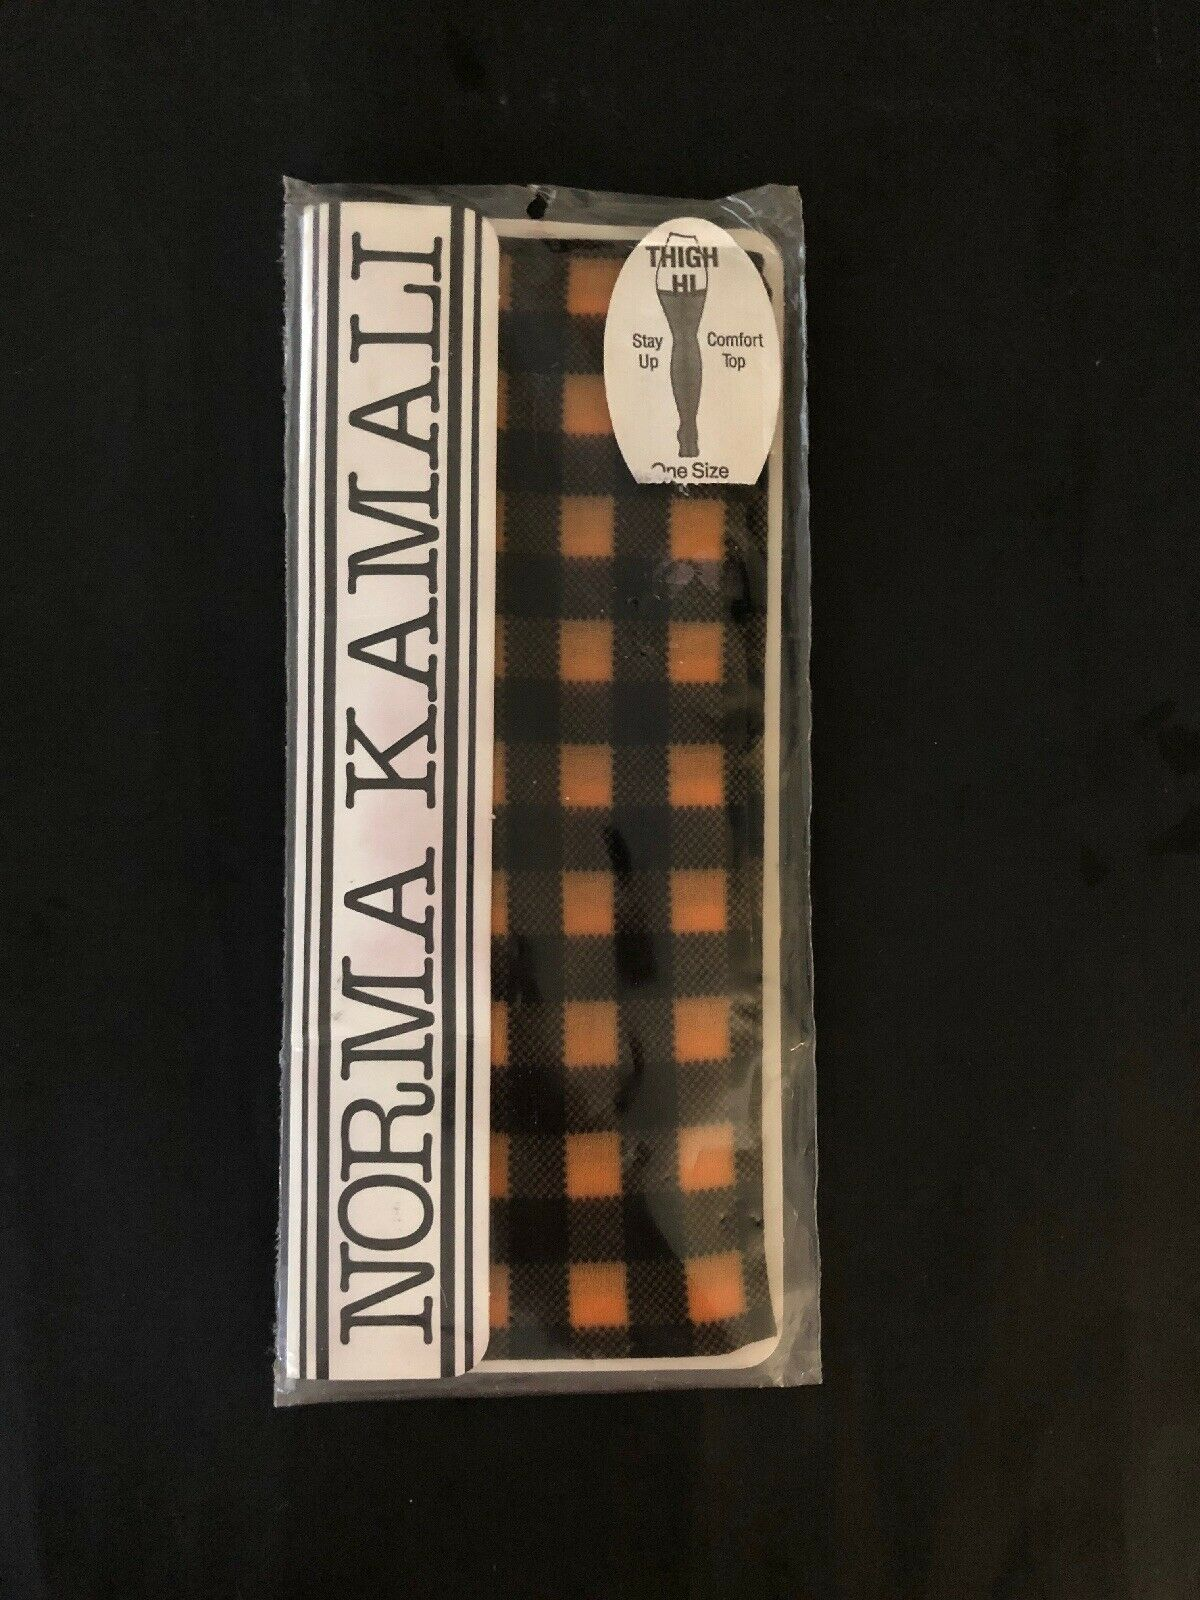 NORMA KAMALI cuisse Hi Confort Top Stay Up Größe unique MANGO carreaux schwarz nouveau vintage